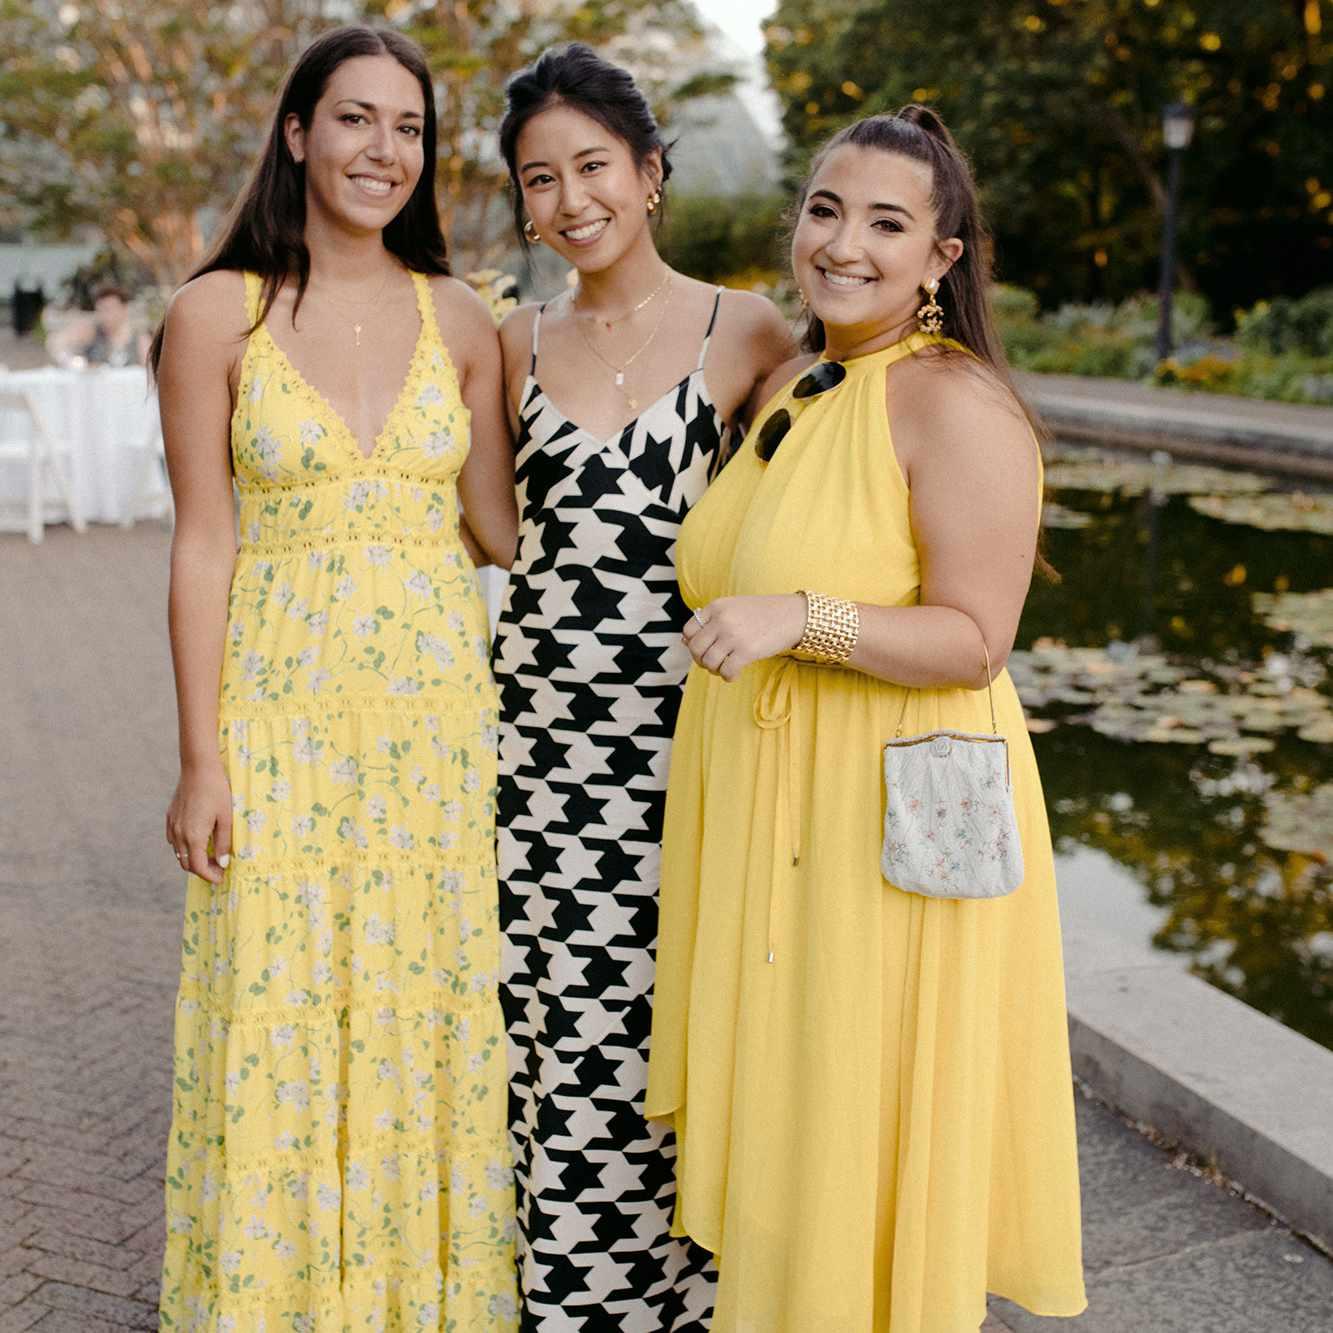 three women at a wedding